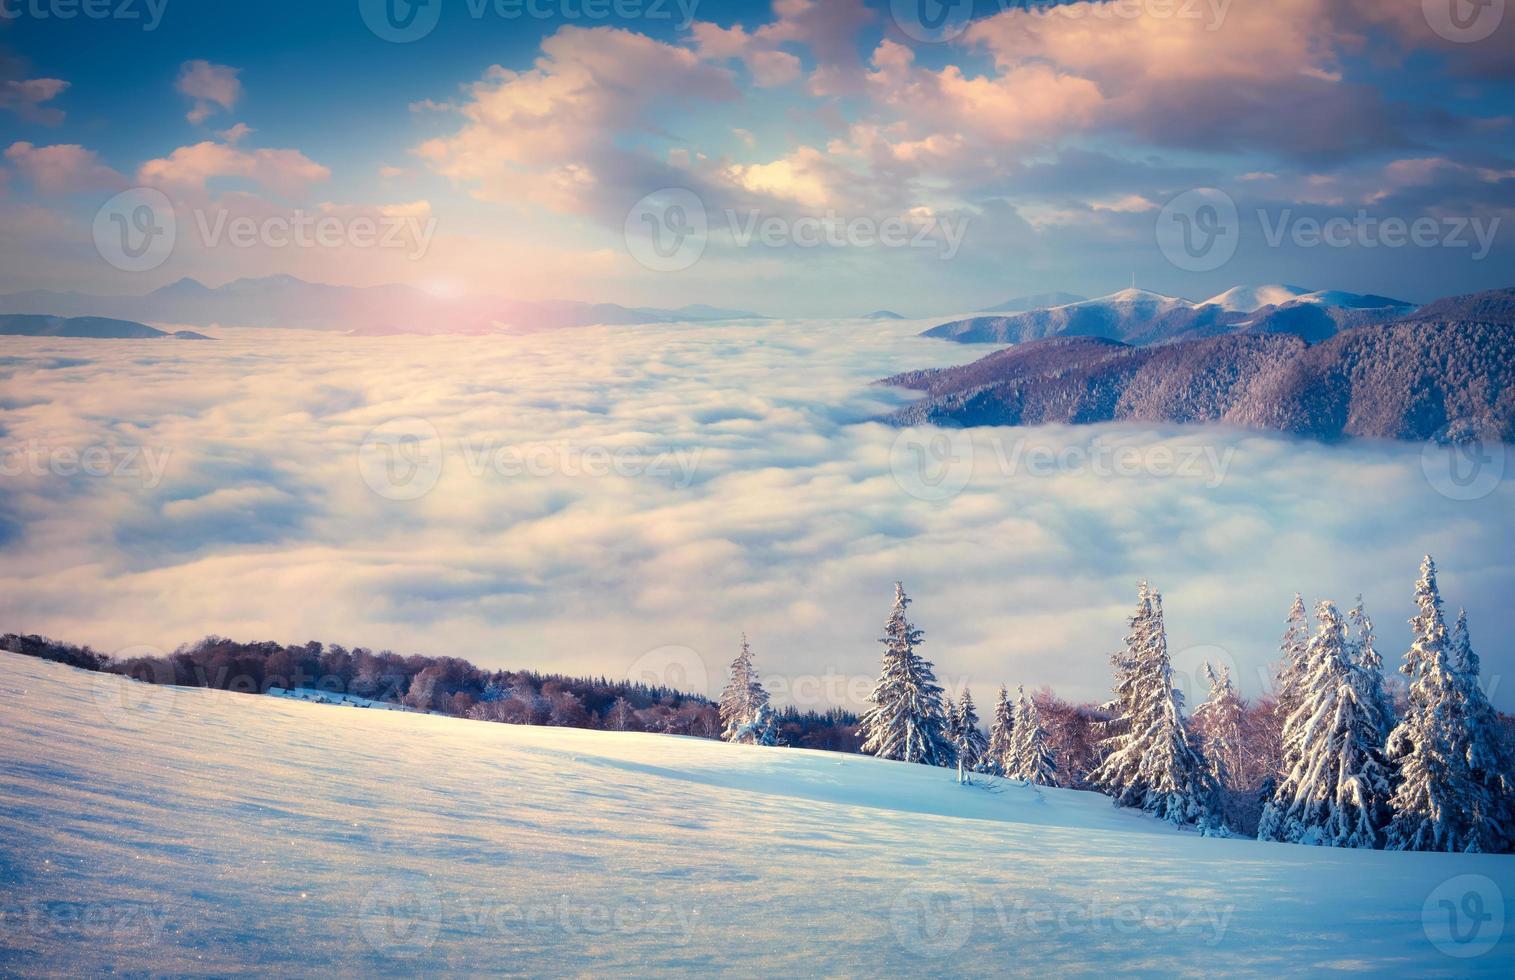 vacker vintersoluppgång i dimmiga bergen. foto